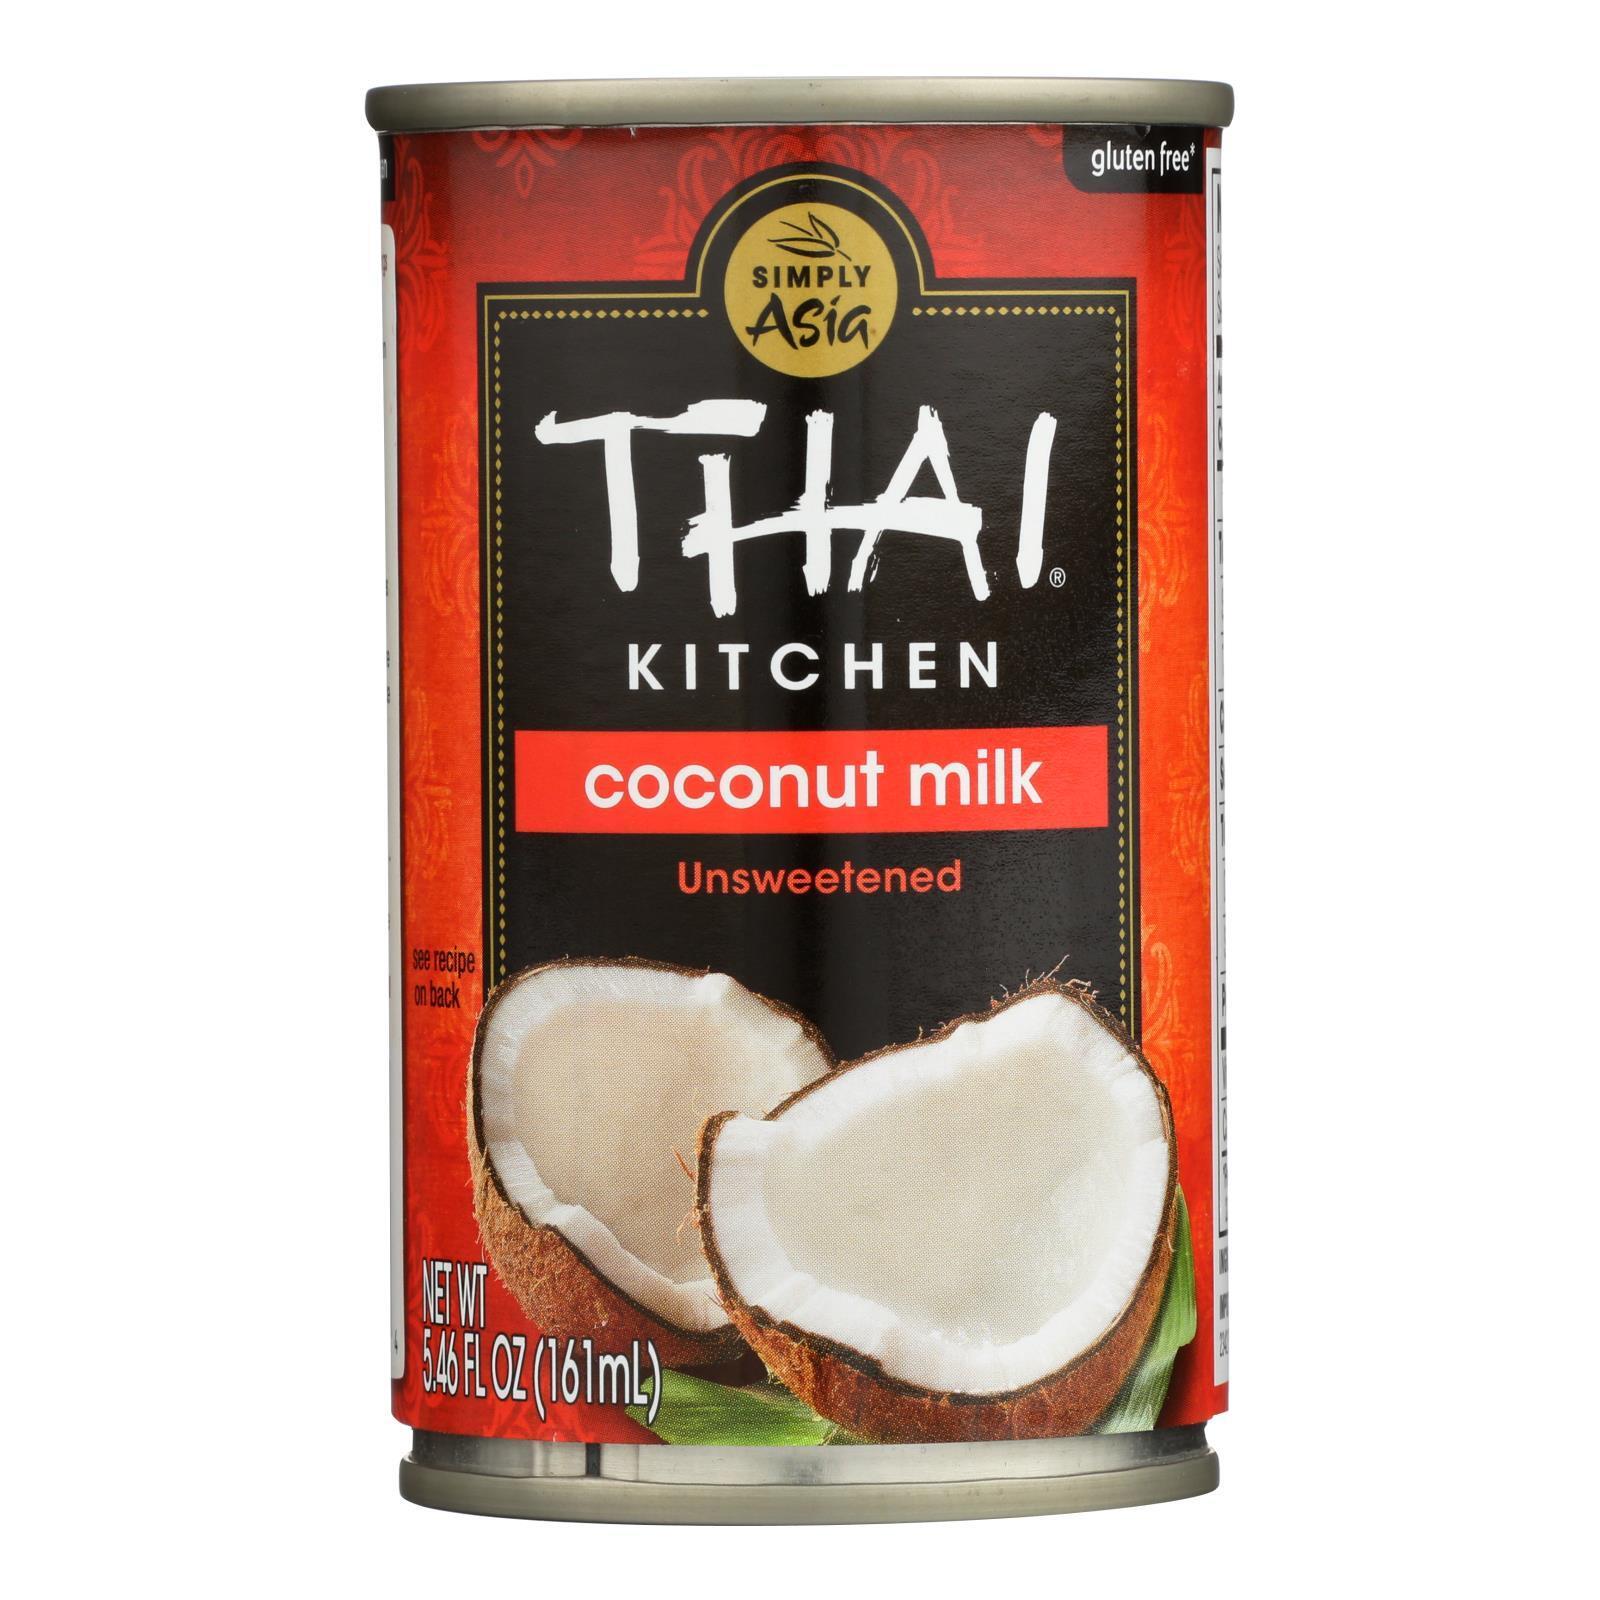 Thai Kitchen Coconut Milk - Case of 24 - 5.46 oz.